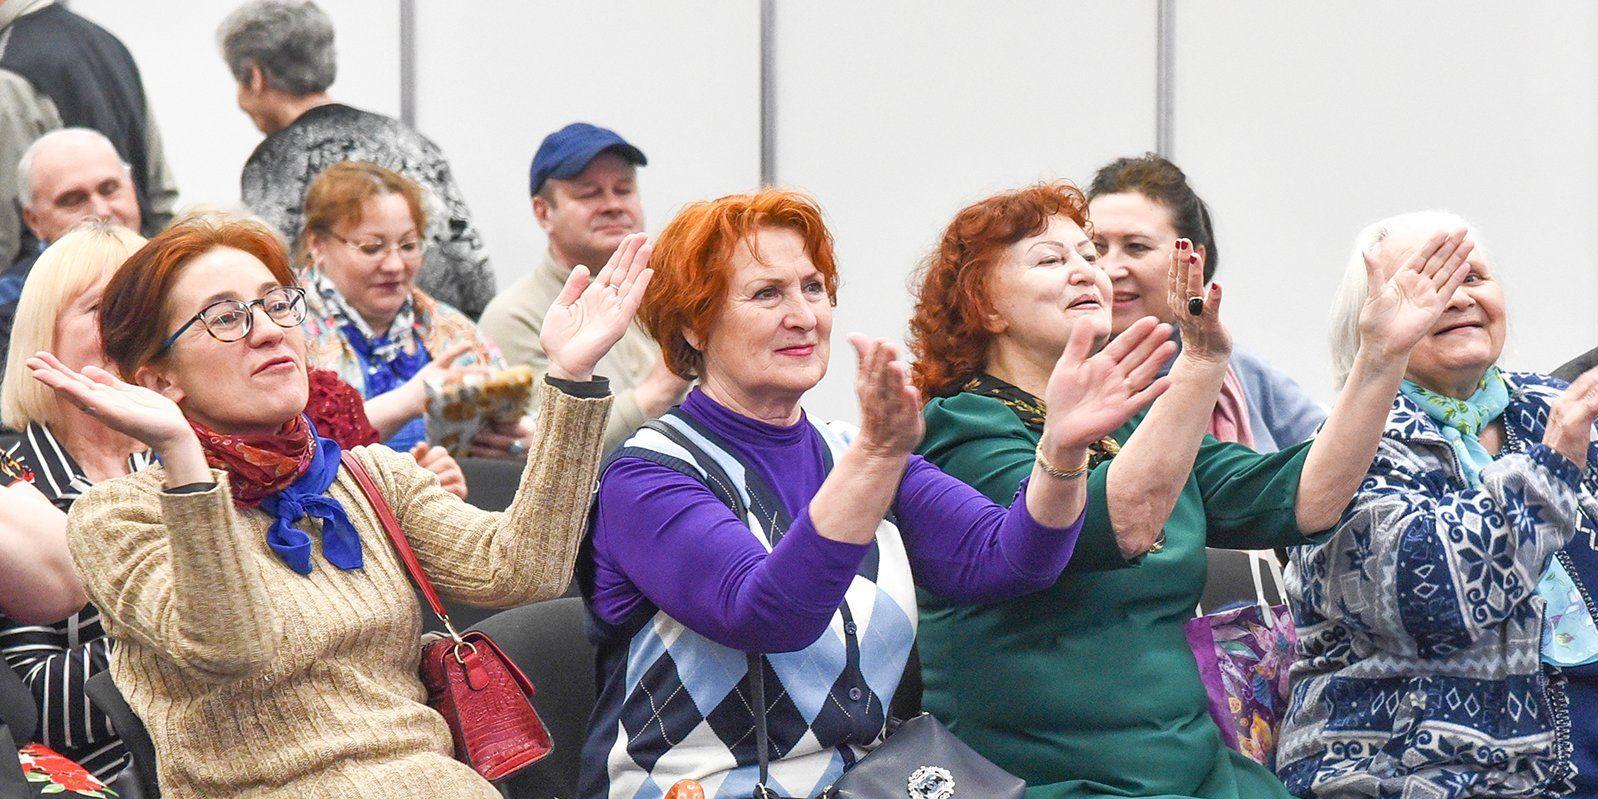 Тематическая программа состоится для получателей социальных услуг в Московском. Фото: официальный сайт мэра Москвы